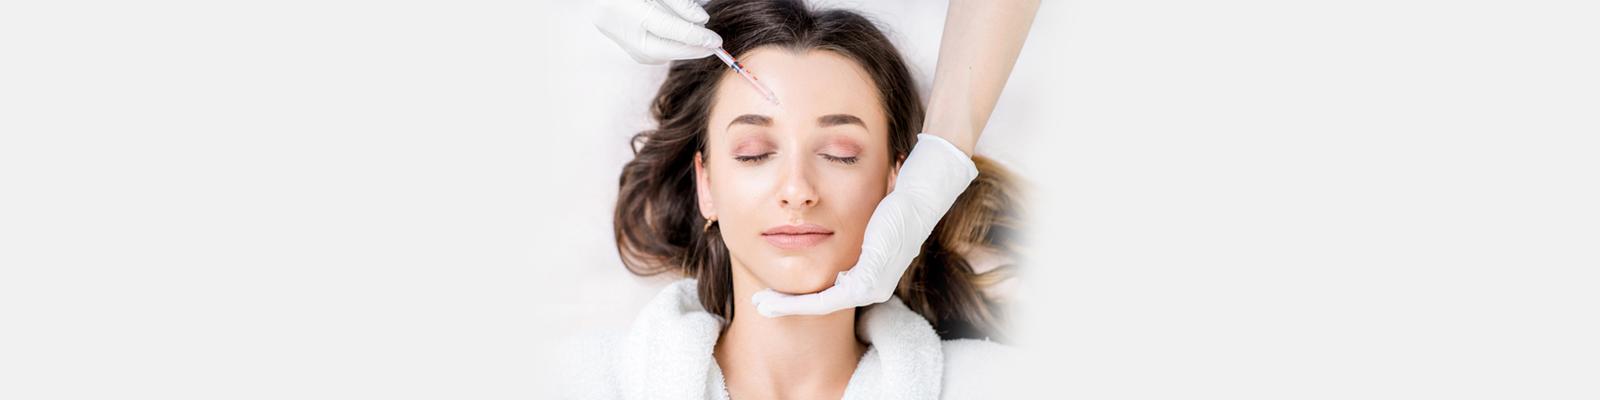 PRP for Face Rejuvenation